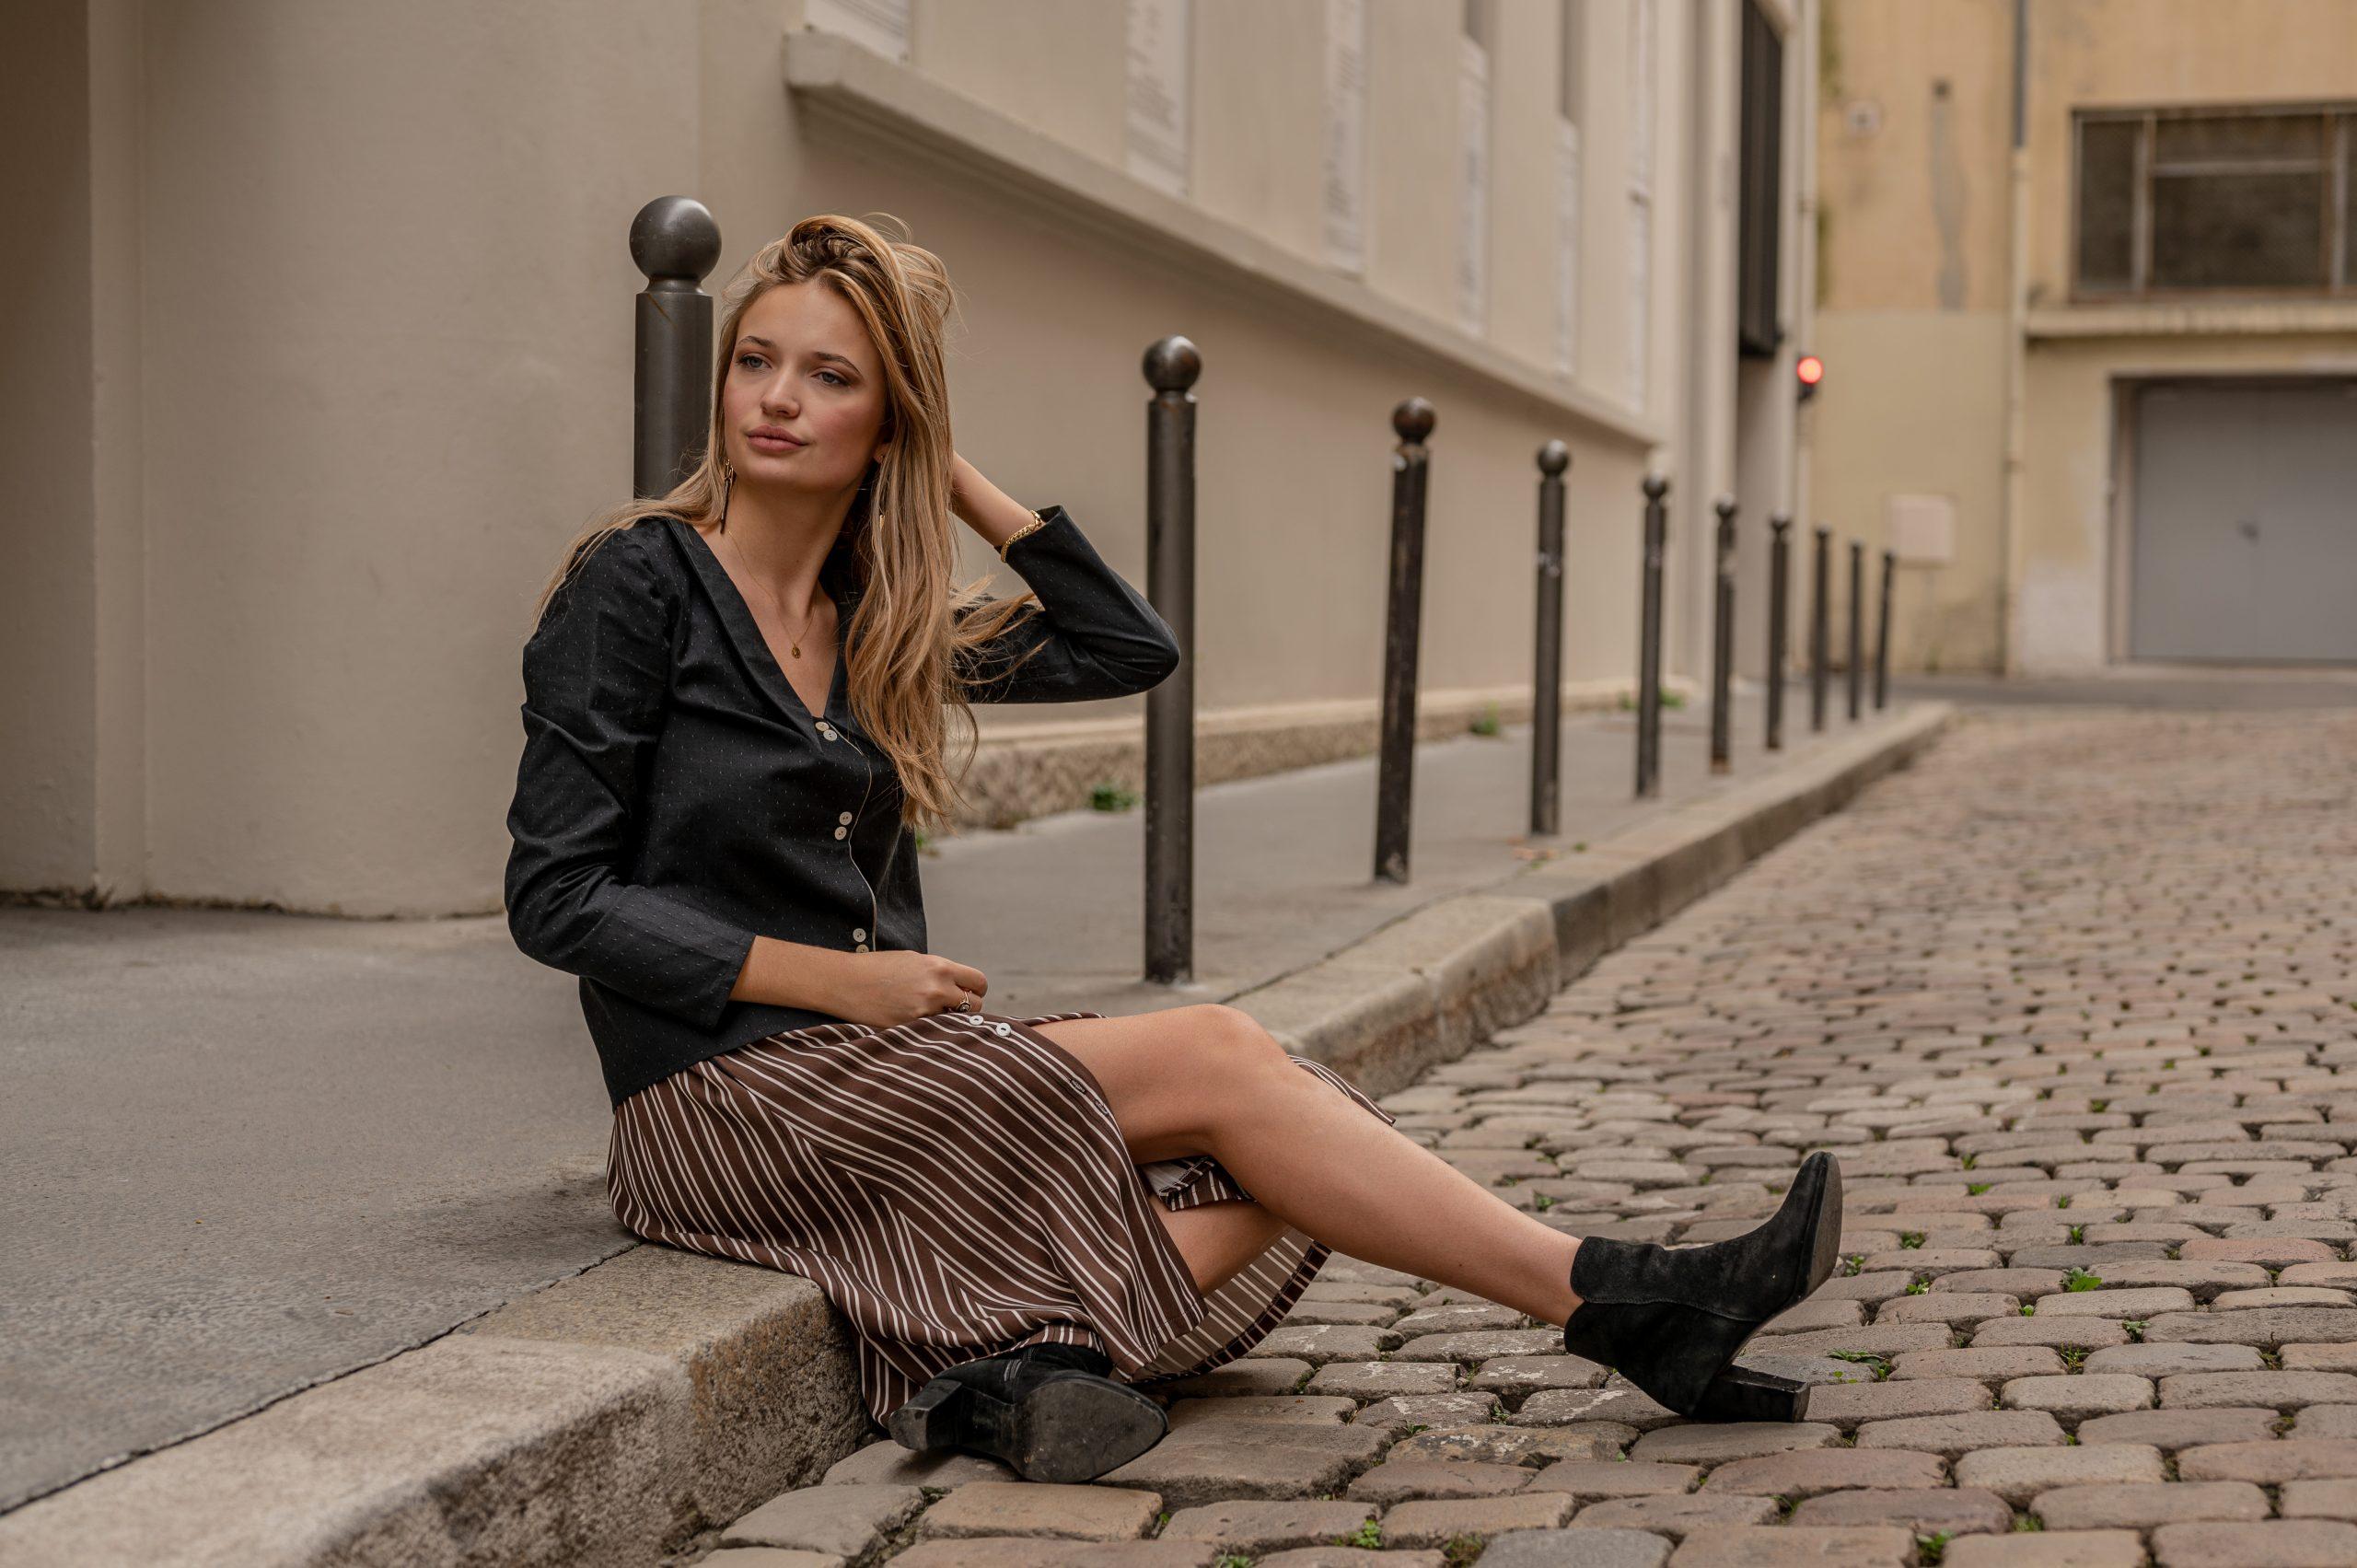 lookbook-assise-dans-la rue-lyon-chemise-seduisante-jupe-flaneuse